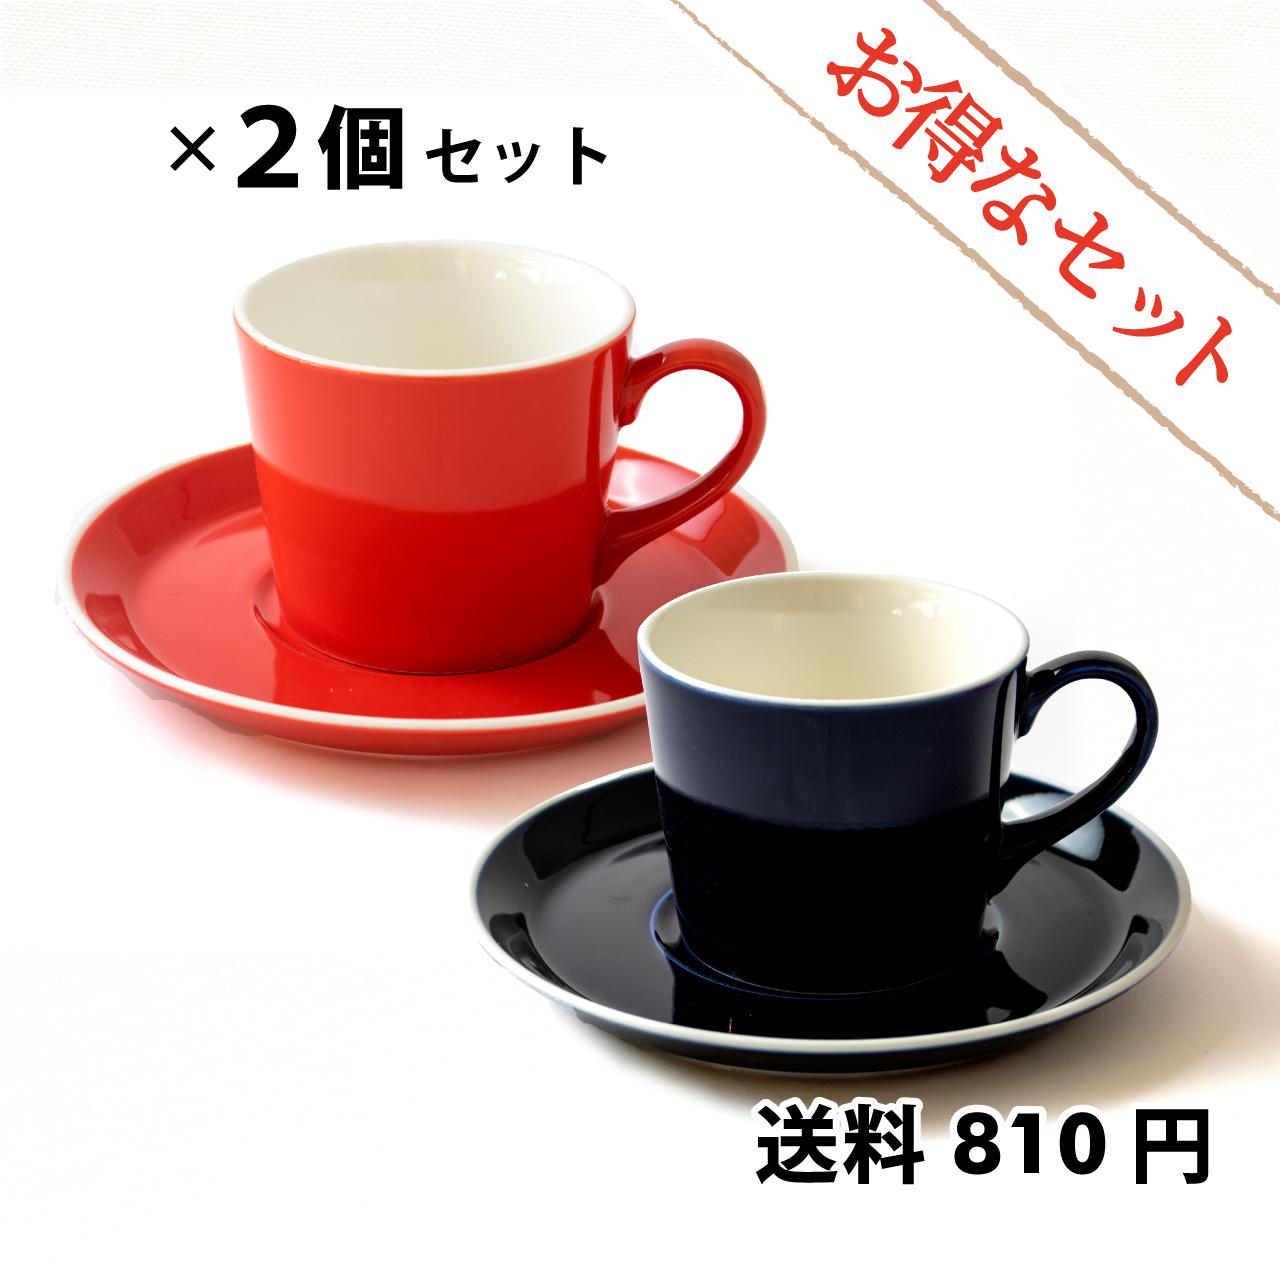 【お得なセット・送料810円】RUNOA COFFEE スペシャルティコーヒー カップ&ソーサーペアセット